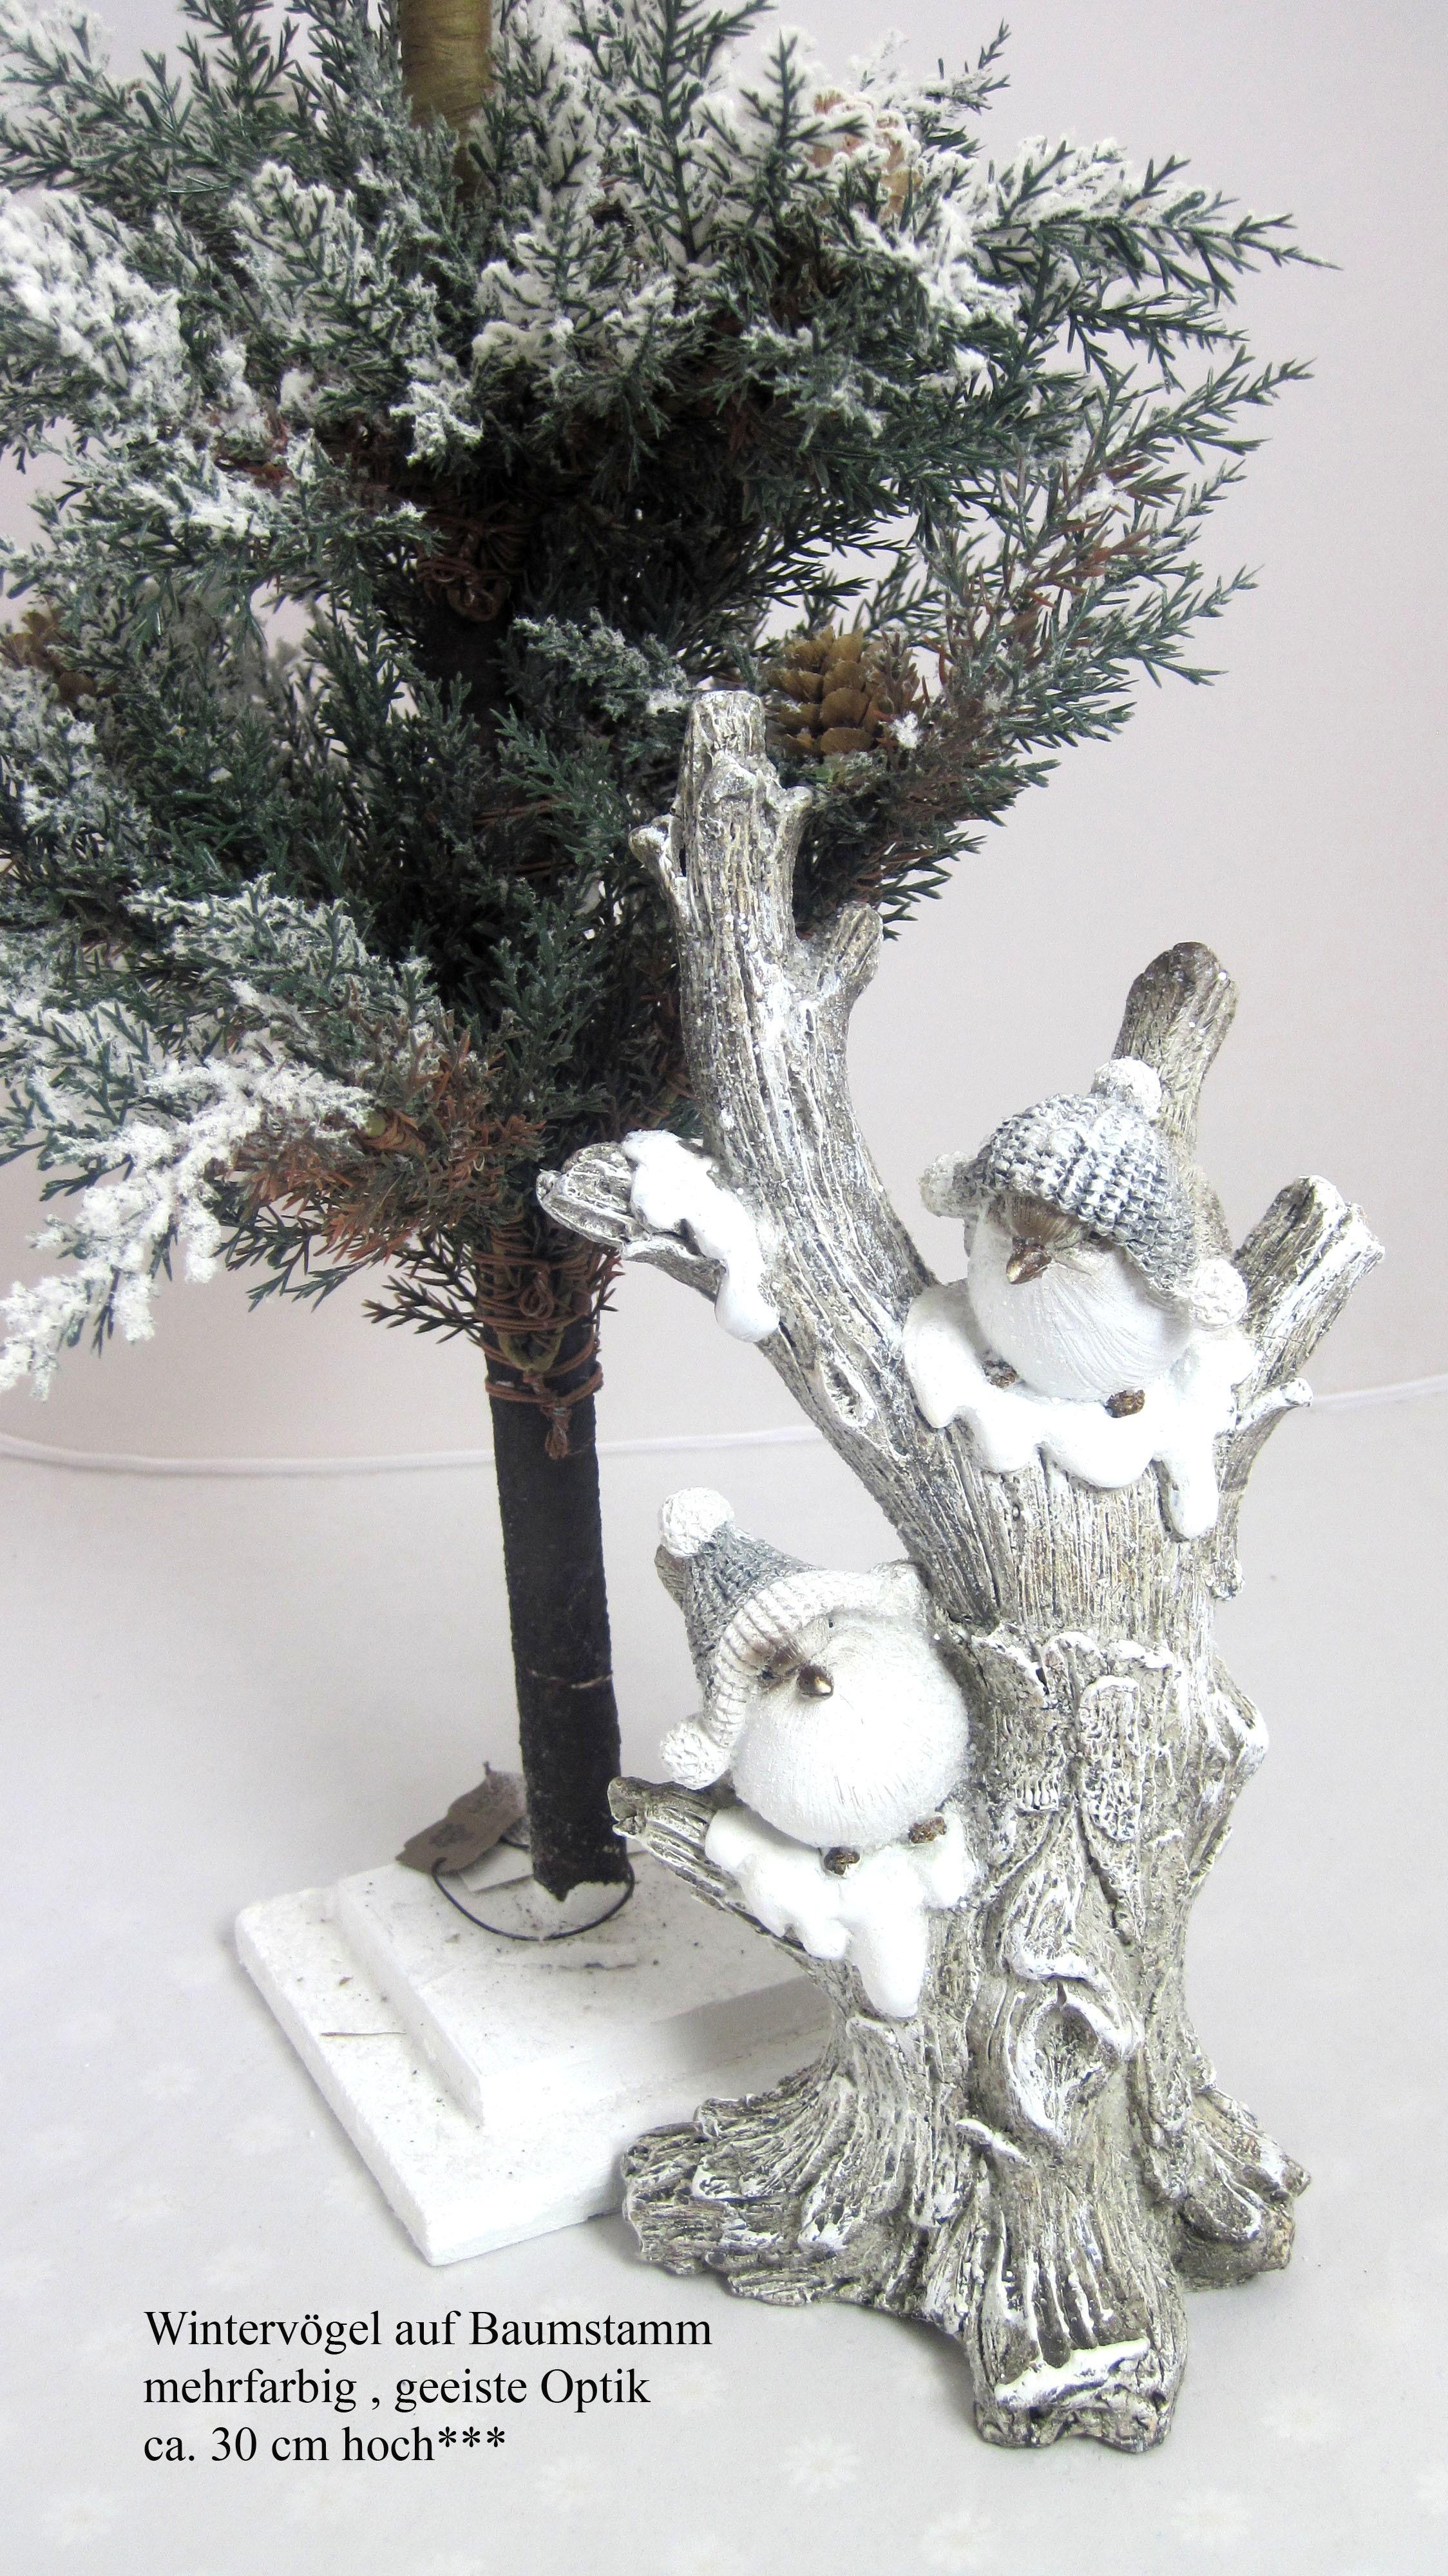 Wintervögel auf Baumstamm ca. 30 cm hoch